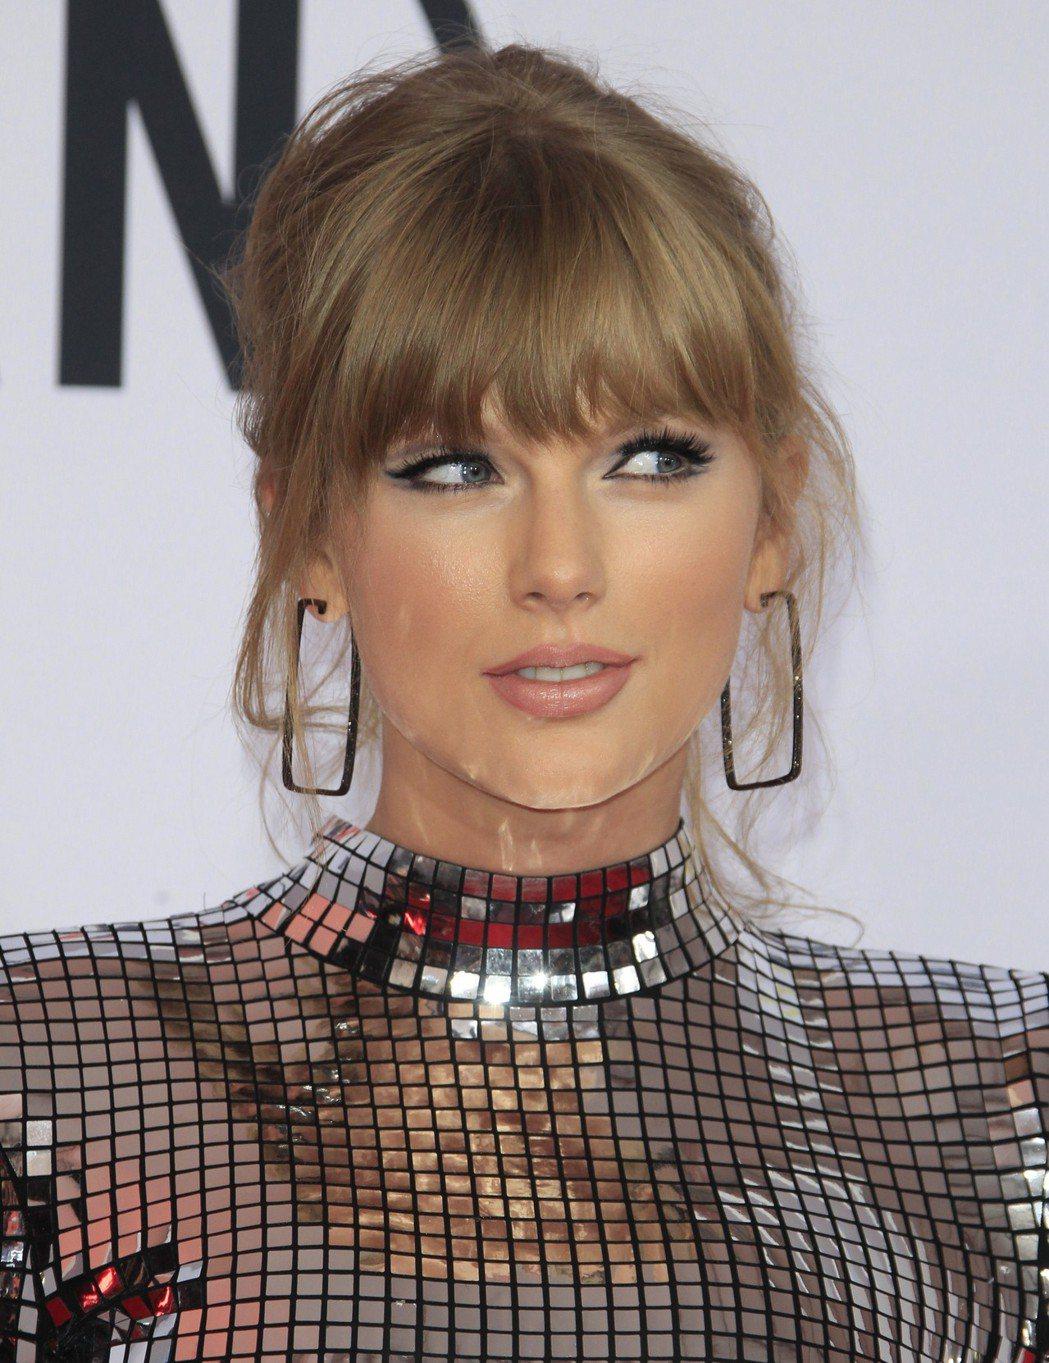 泰勒絲在「富比世」樂壇吸金女星排行榜上排名第2。圖/歐新社資料照片